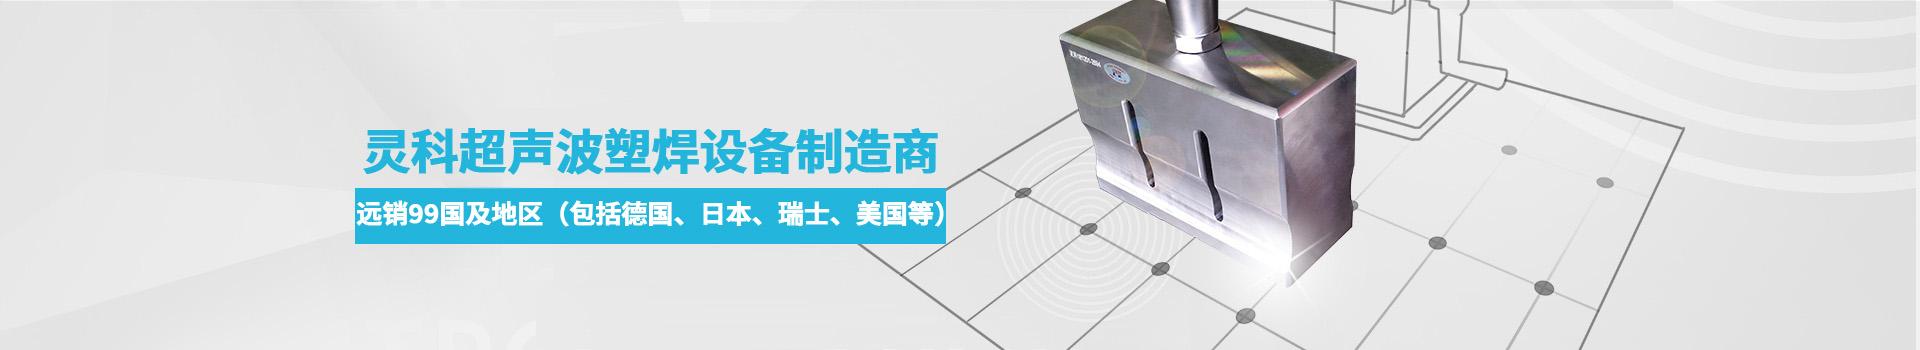 灵科超声波远销99国及地区